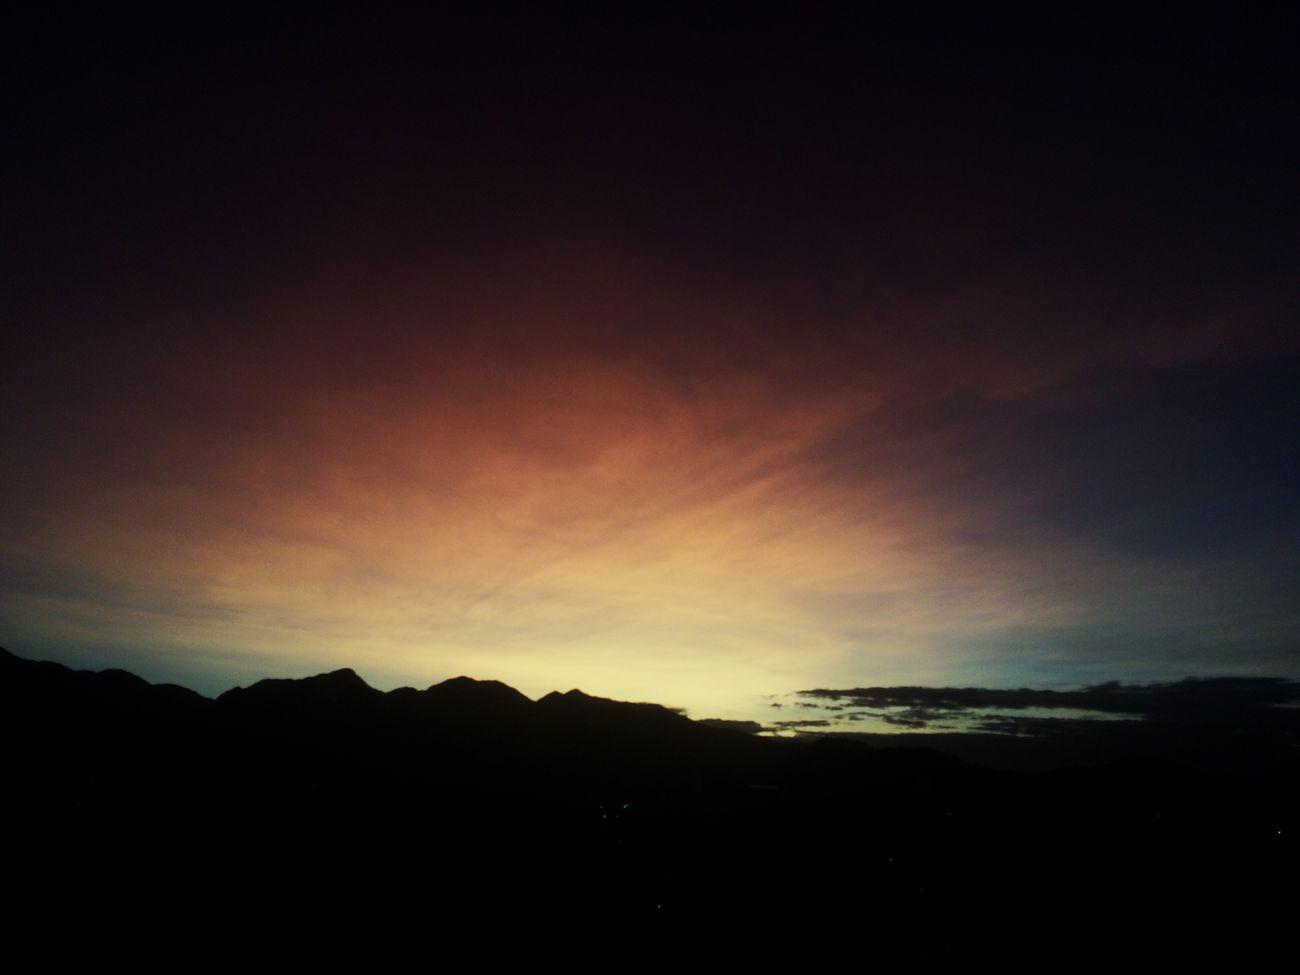 'E não ando sozinho, não estou sozinho pois sei: Deus cuida de mim...' \o/ #ThanksGOD #daVaranda #ARodaGira #Simbora Sky Sunset Brasil Riodejaneiro Brazil